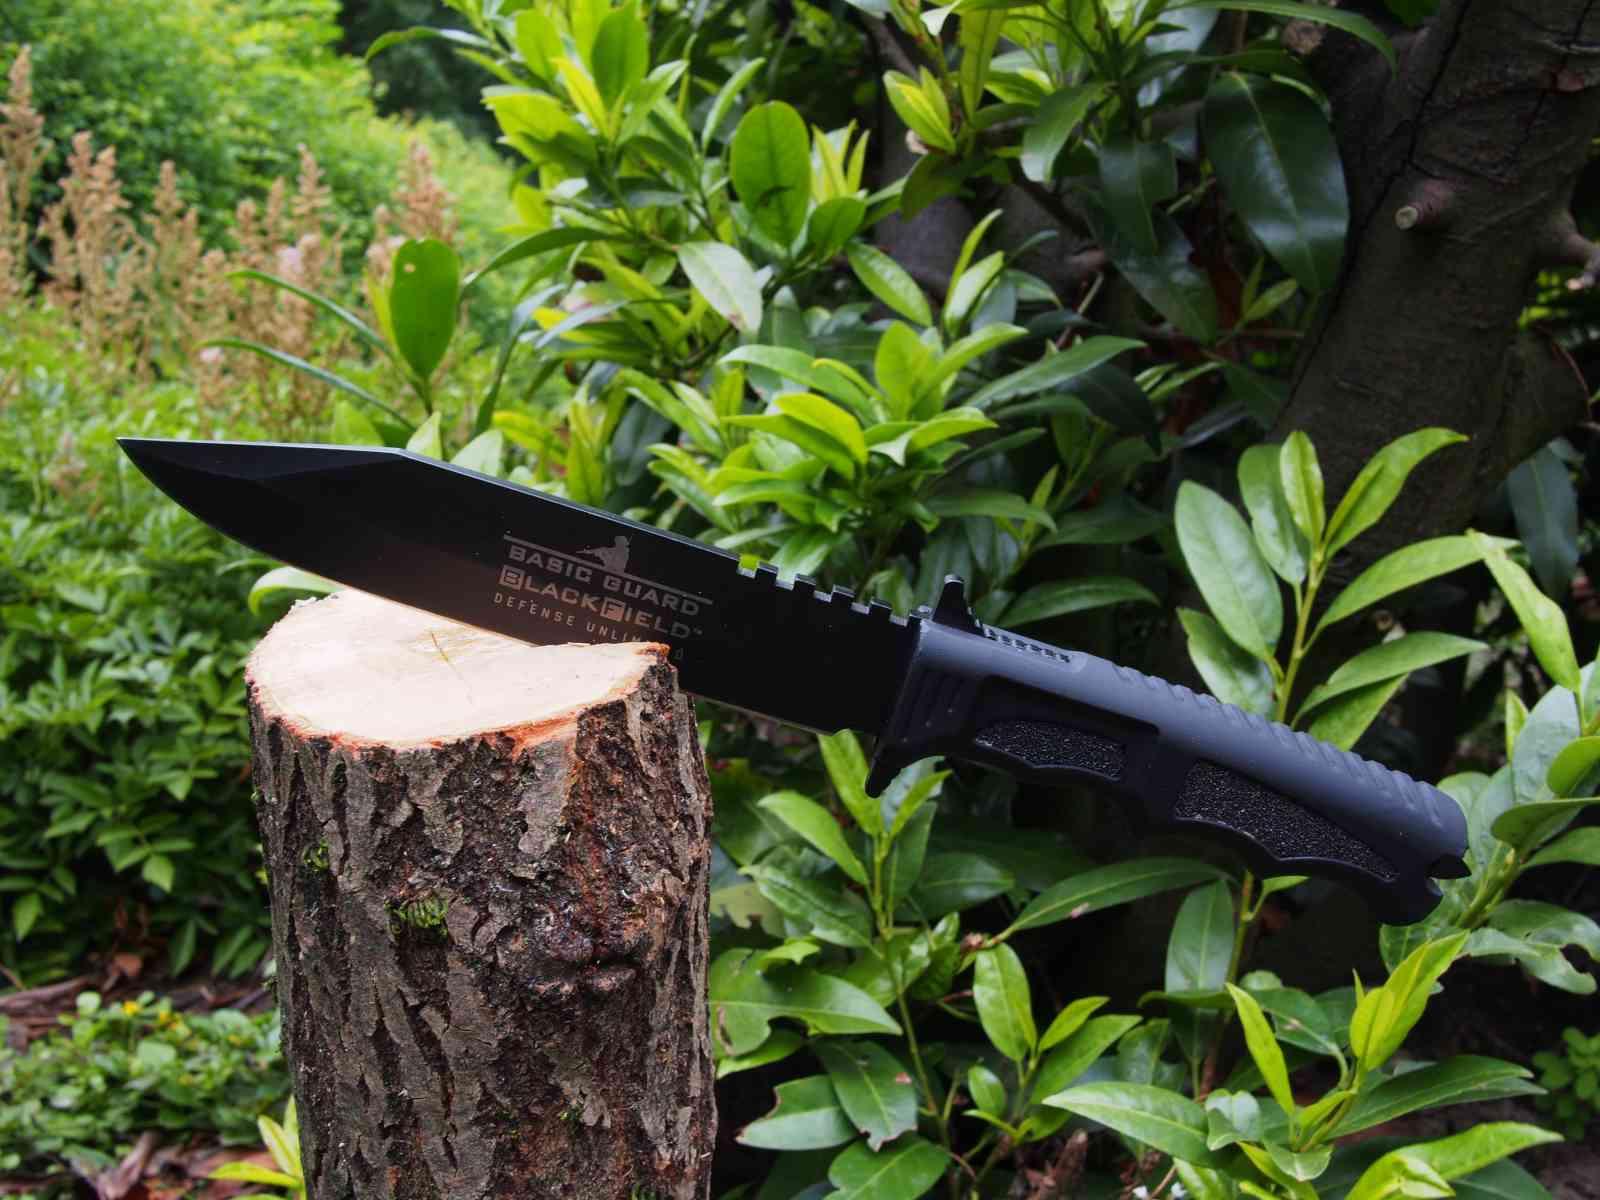 Blackfield Basic Guard - für grobe Holzarbeiten